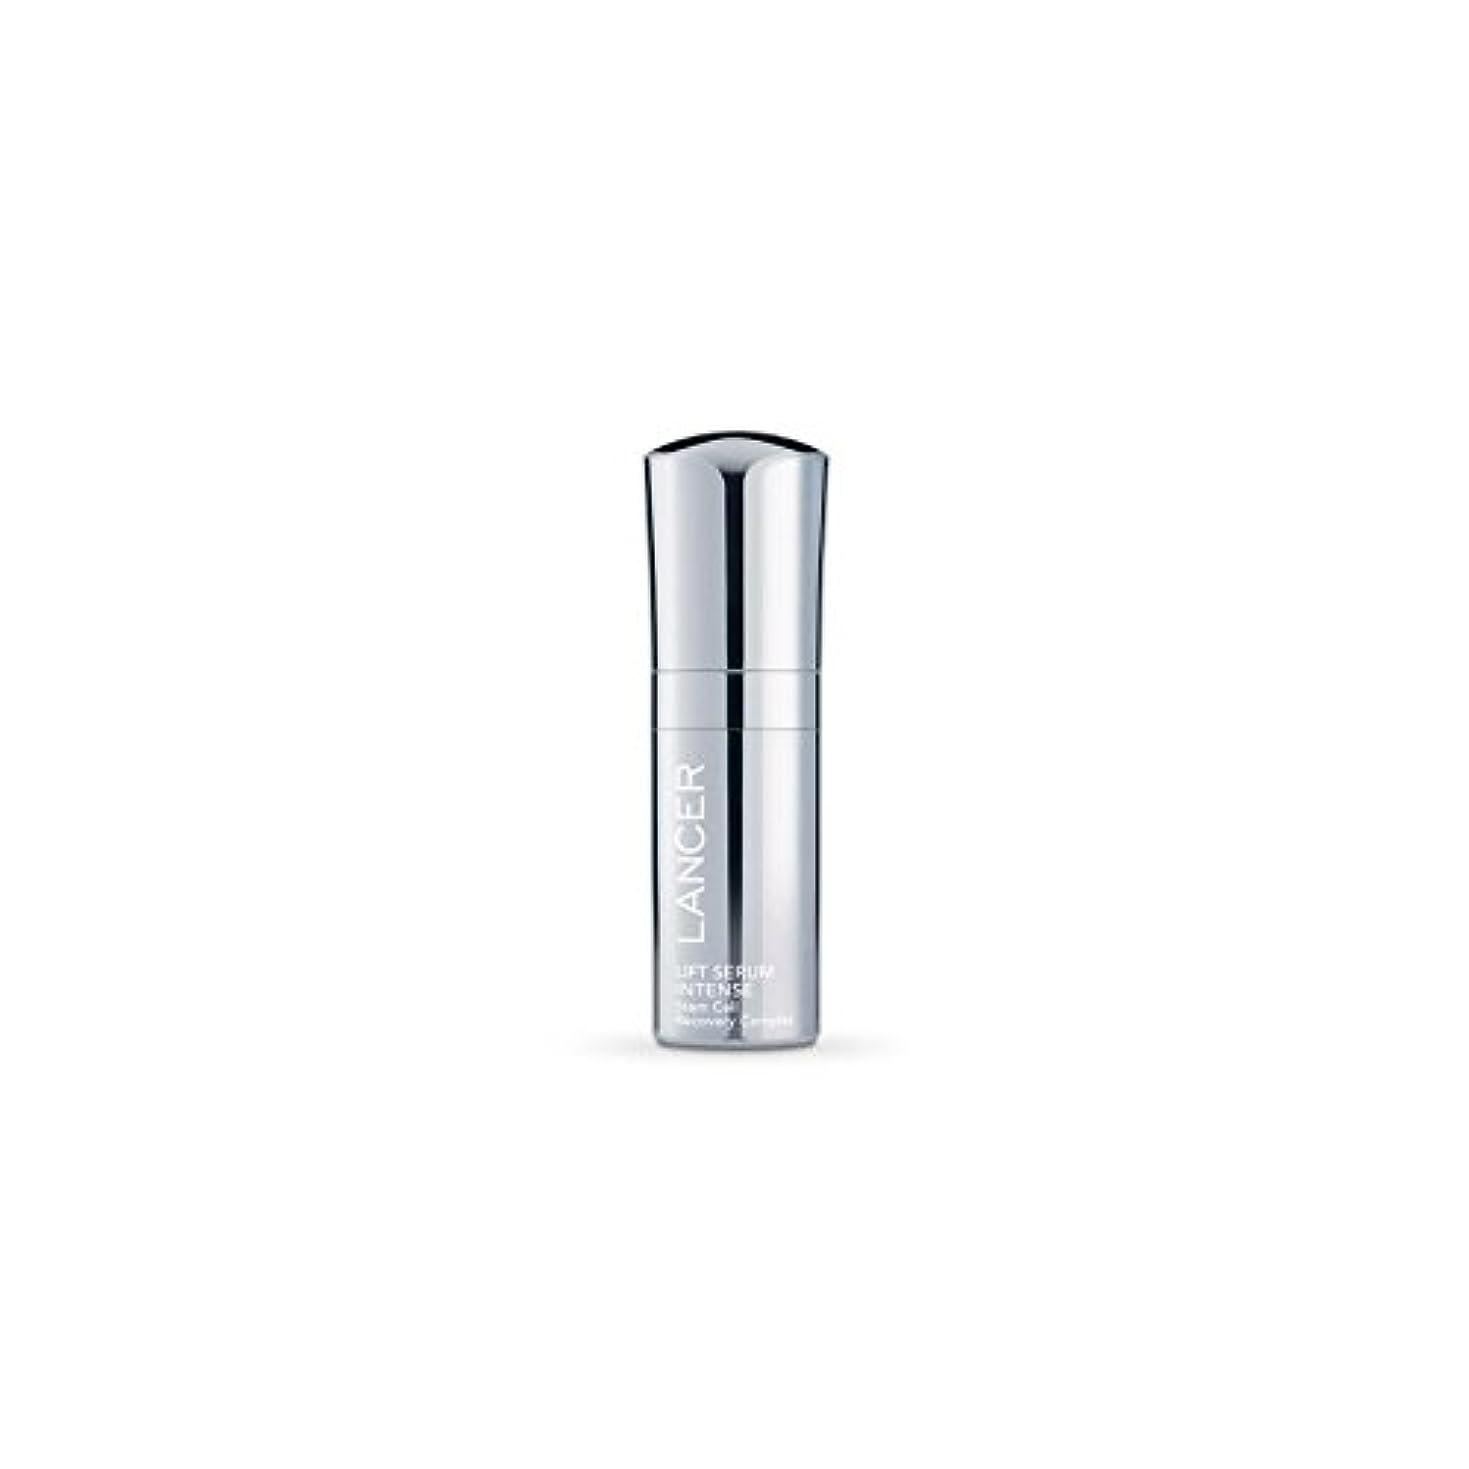 発揮する規模不承認強烈ランサースキンケアリフト血清(30ミリリットル) x4 - Lancer Skincare Lift Serum Intense (30ml) (Pack of 4) [並行輸入品]